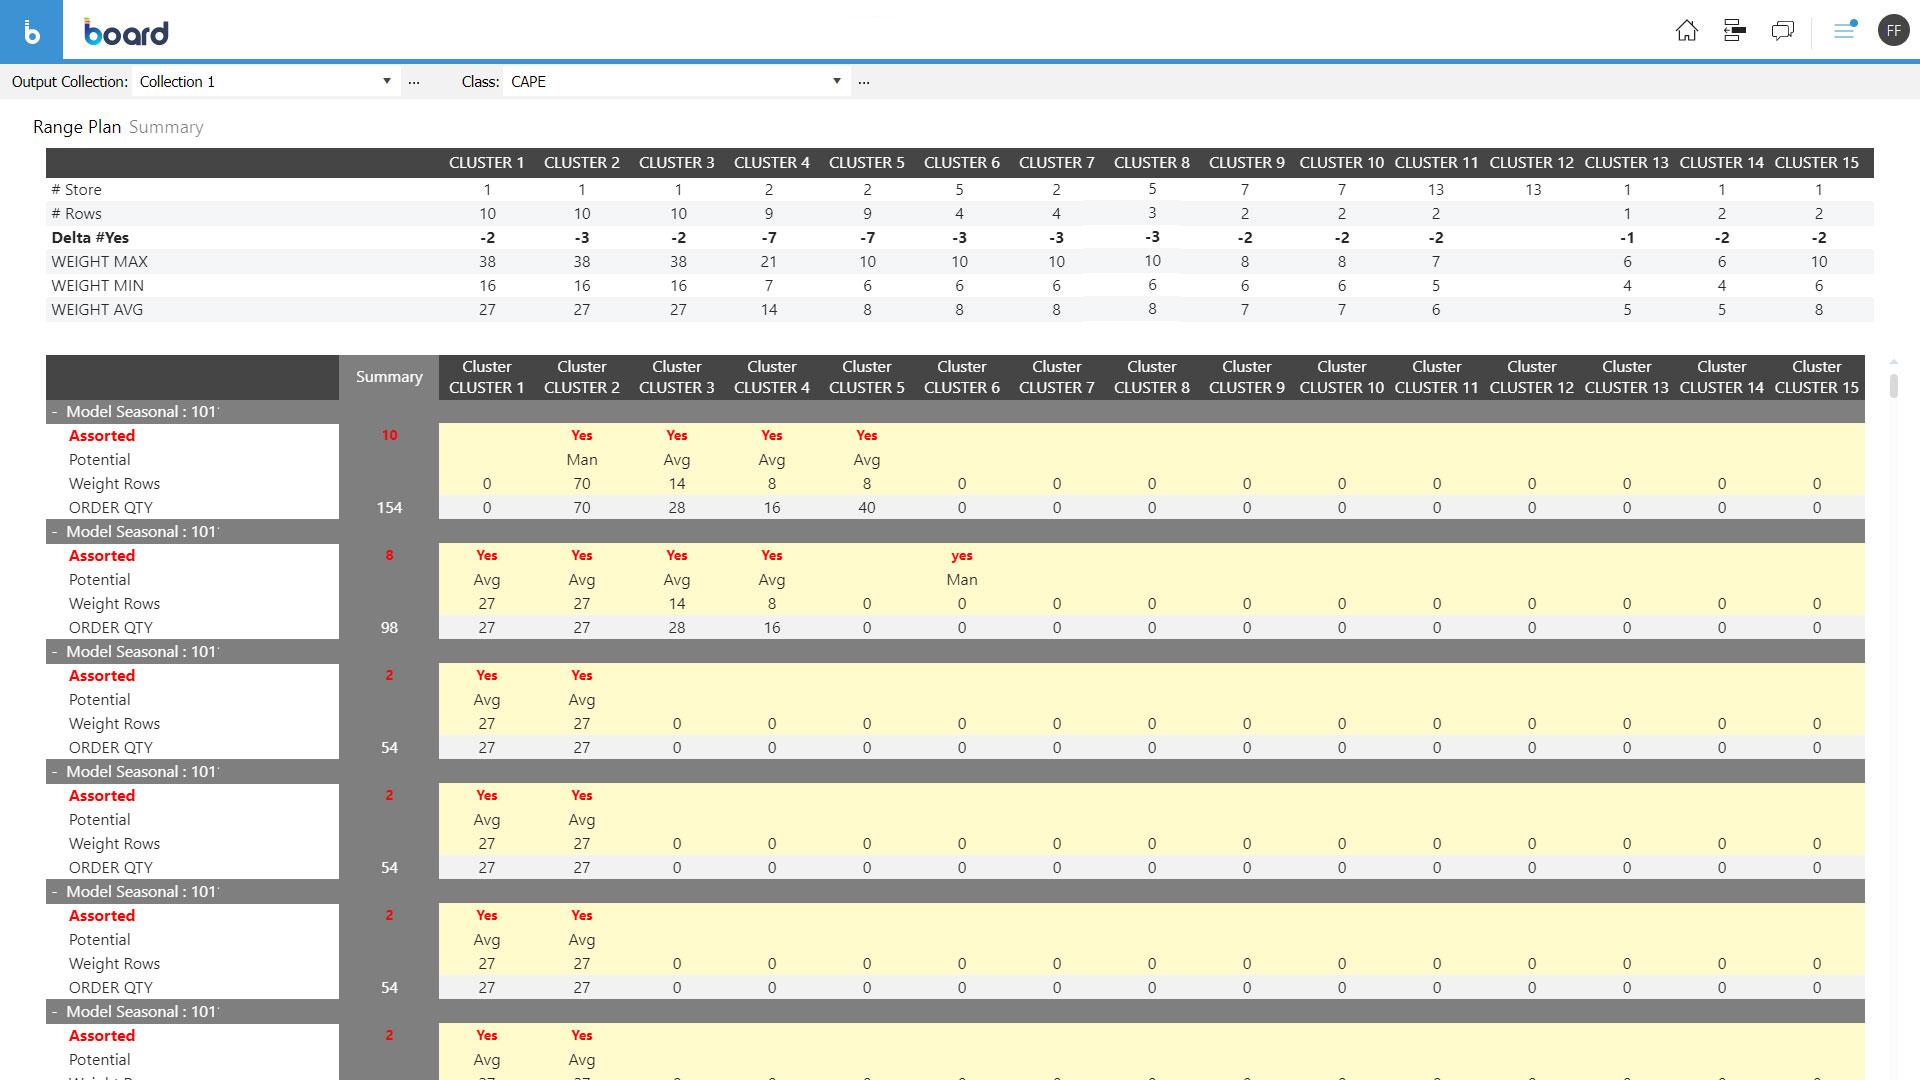 Résumé de la gestion des catégories pour le Retail